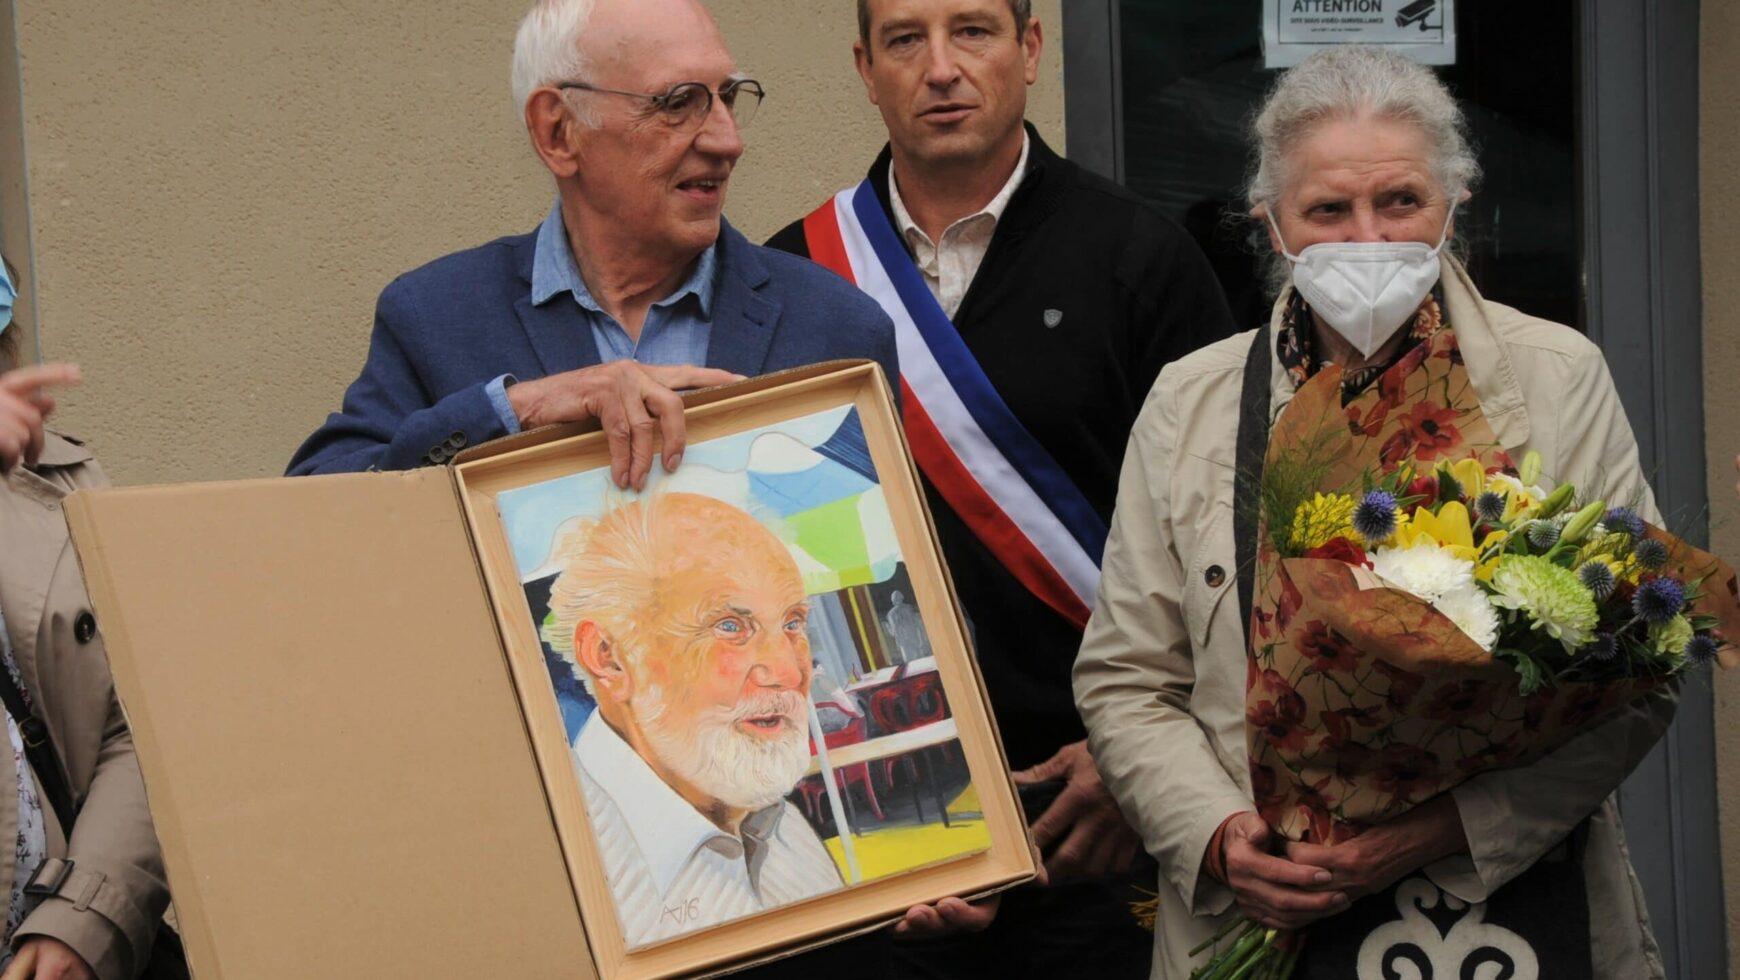 Très bel hommage à Joël Fouilleron !